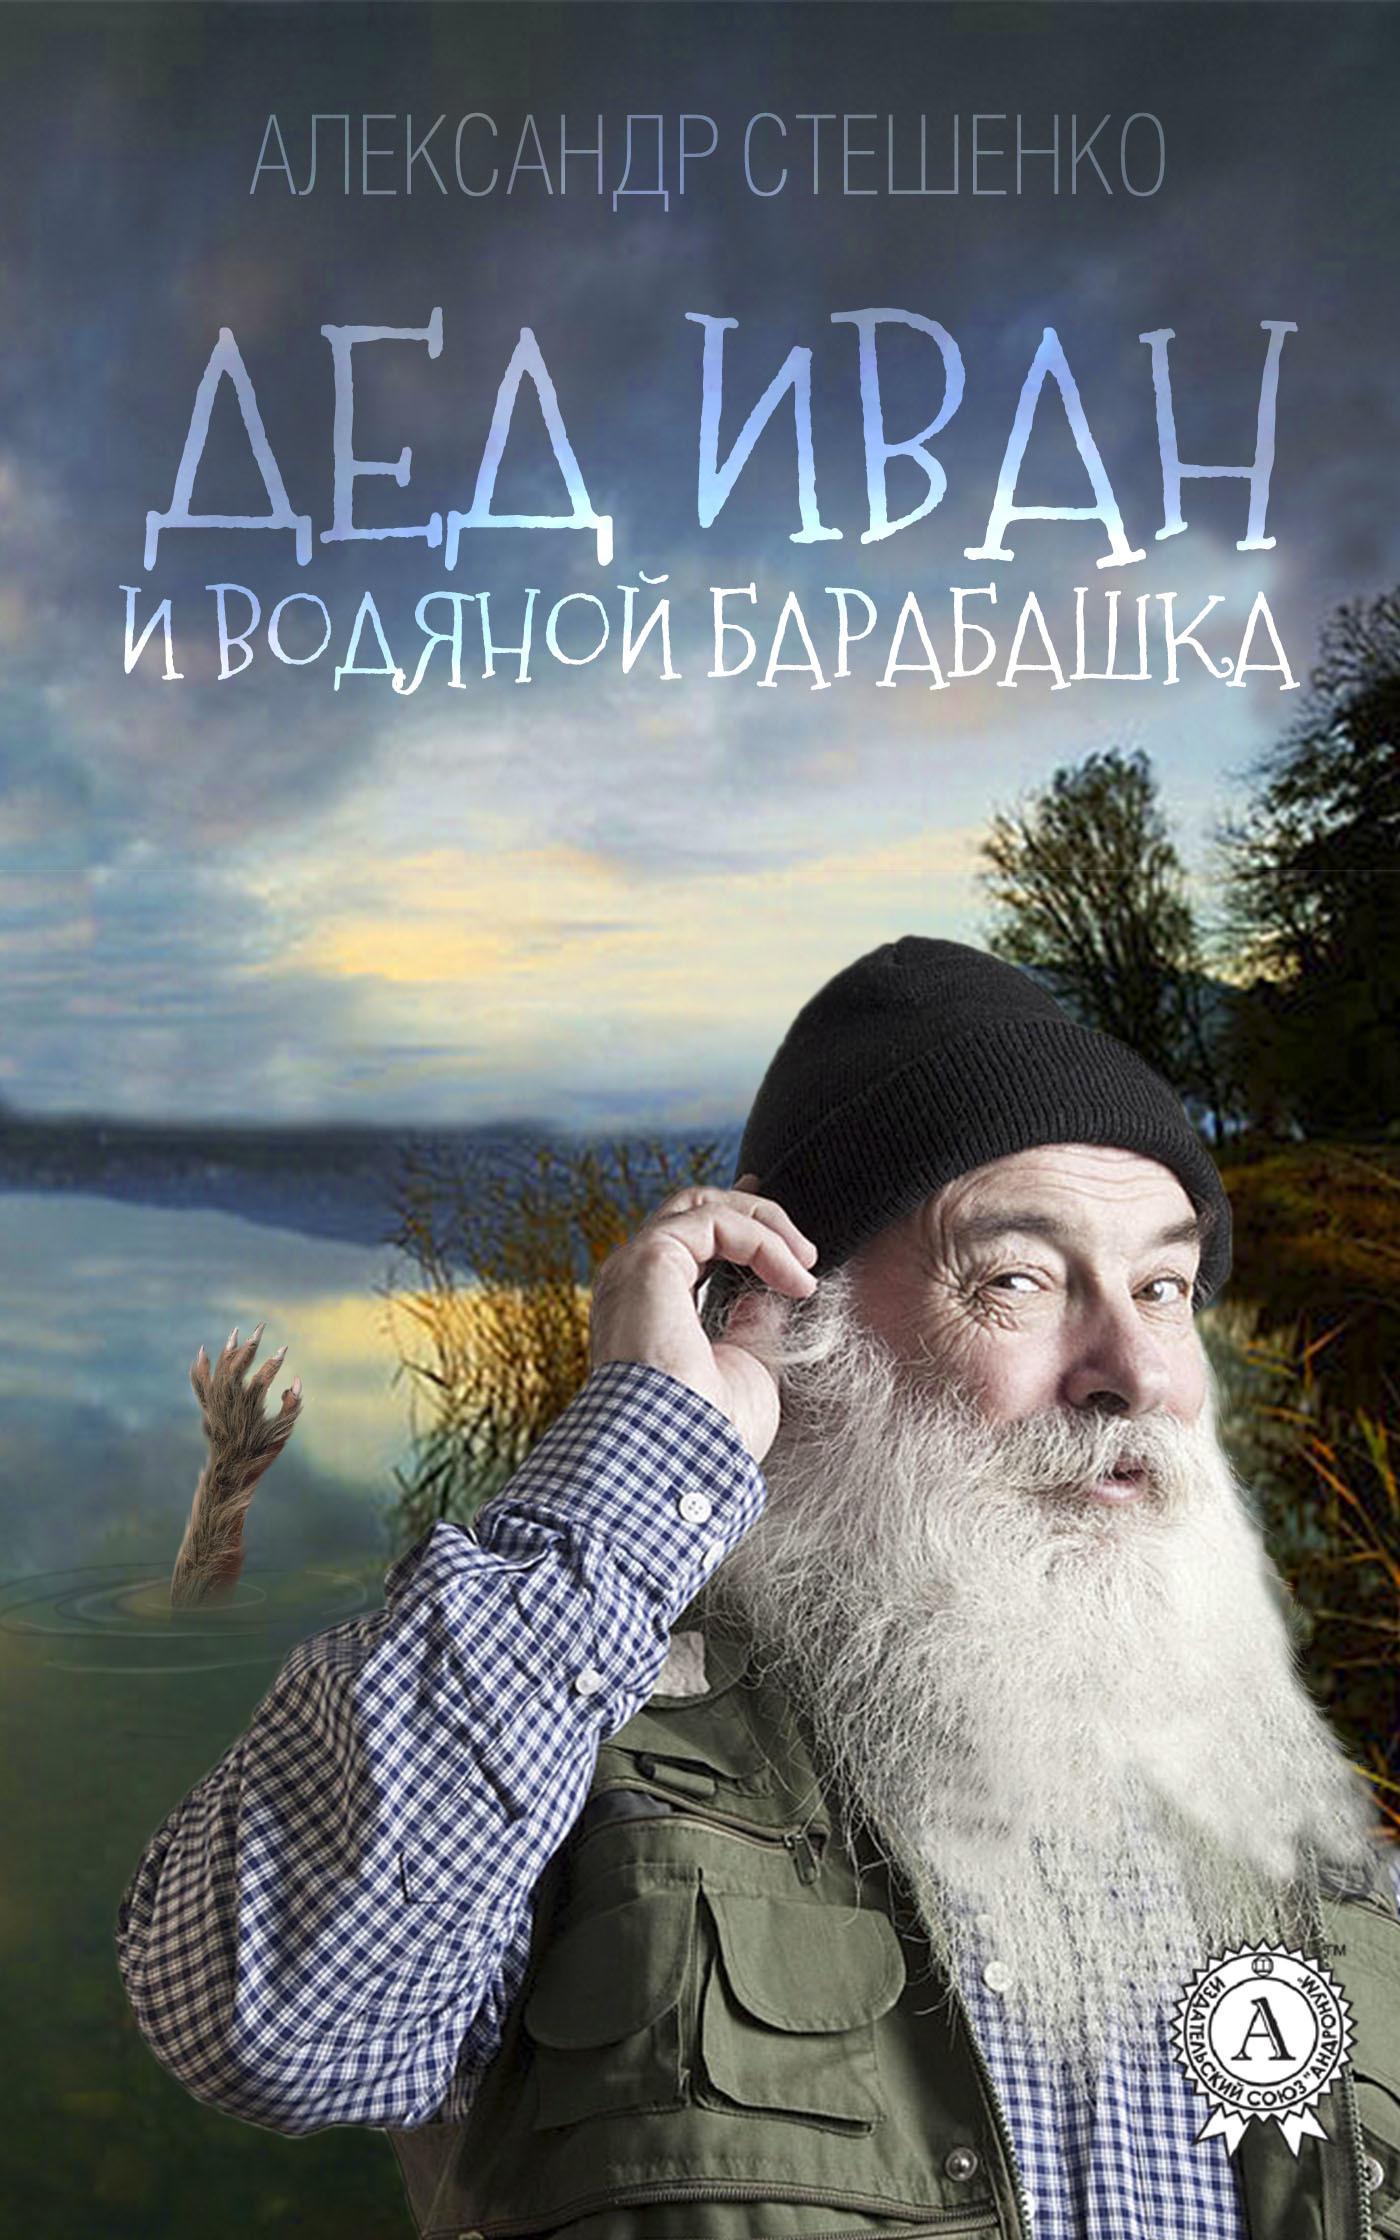 Дед Иван и водяной барабашка от ЛитРес